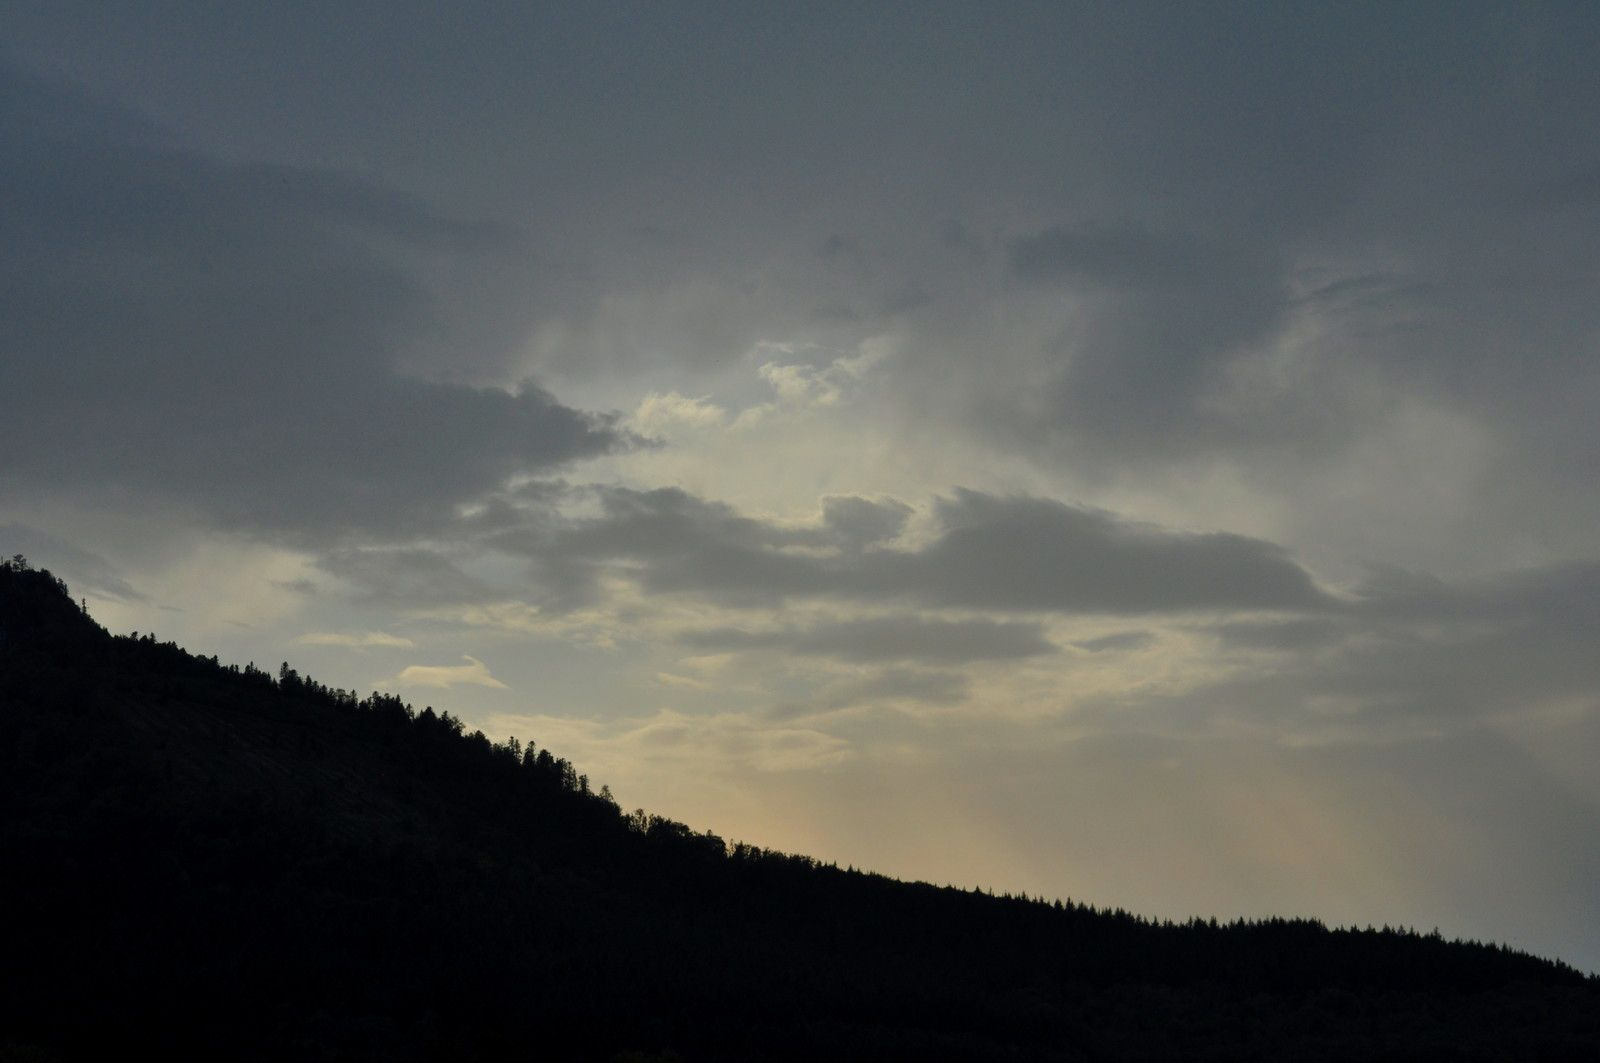 Soleil bas, la météo n'est pas terrible, mais c'est partie et ce sera long et un final photo météo de fabuleux.